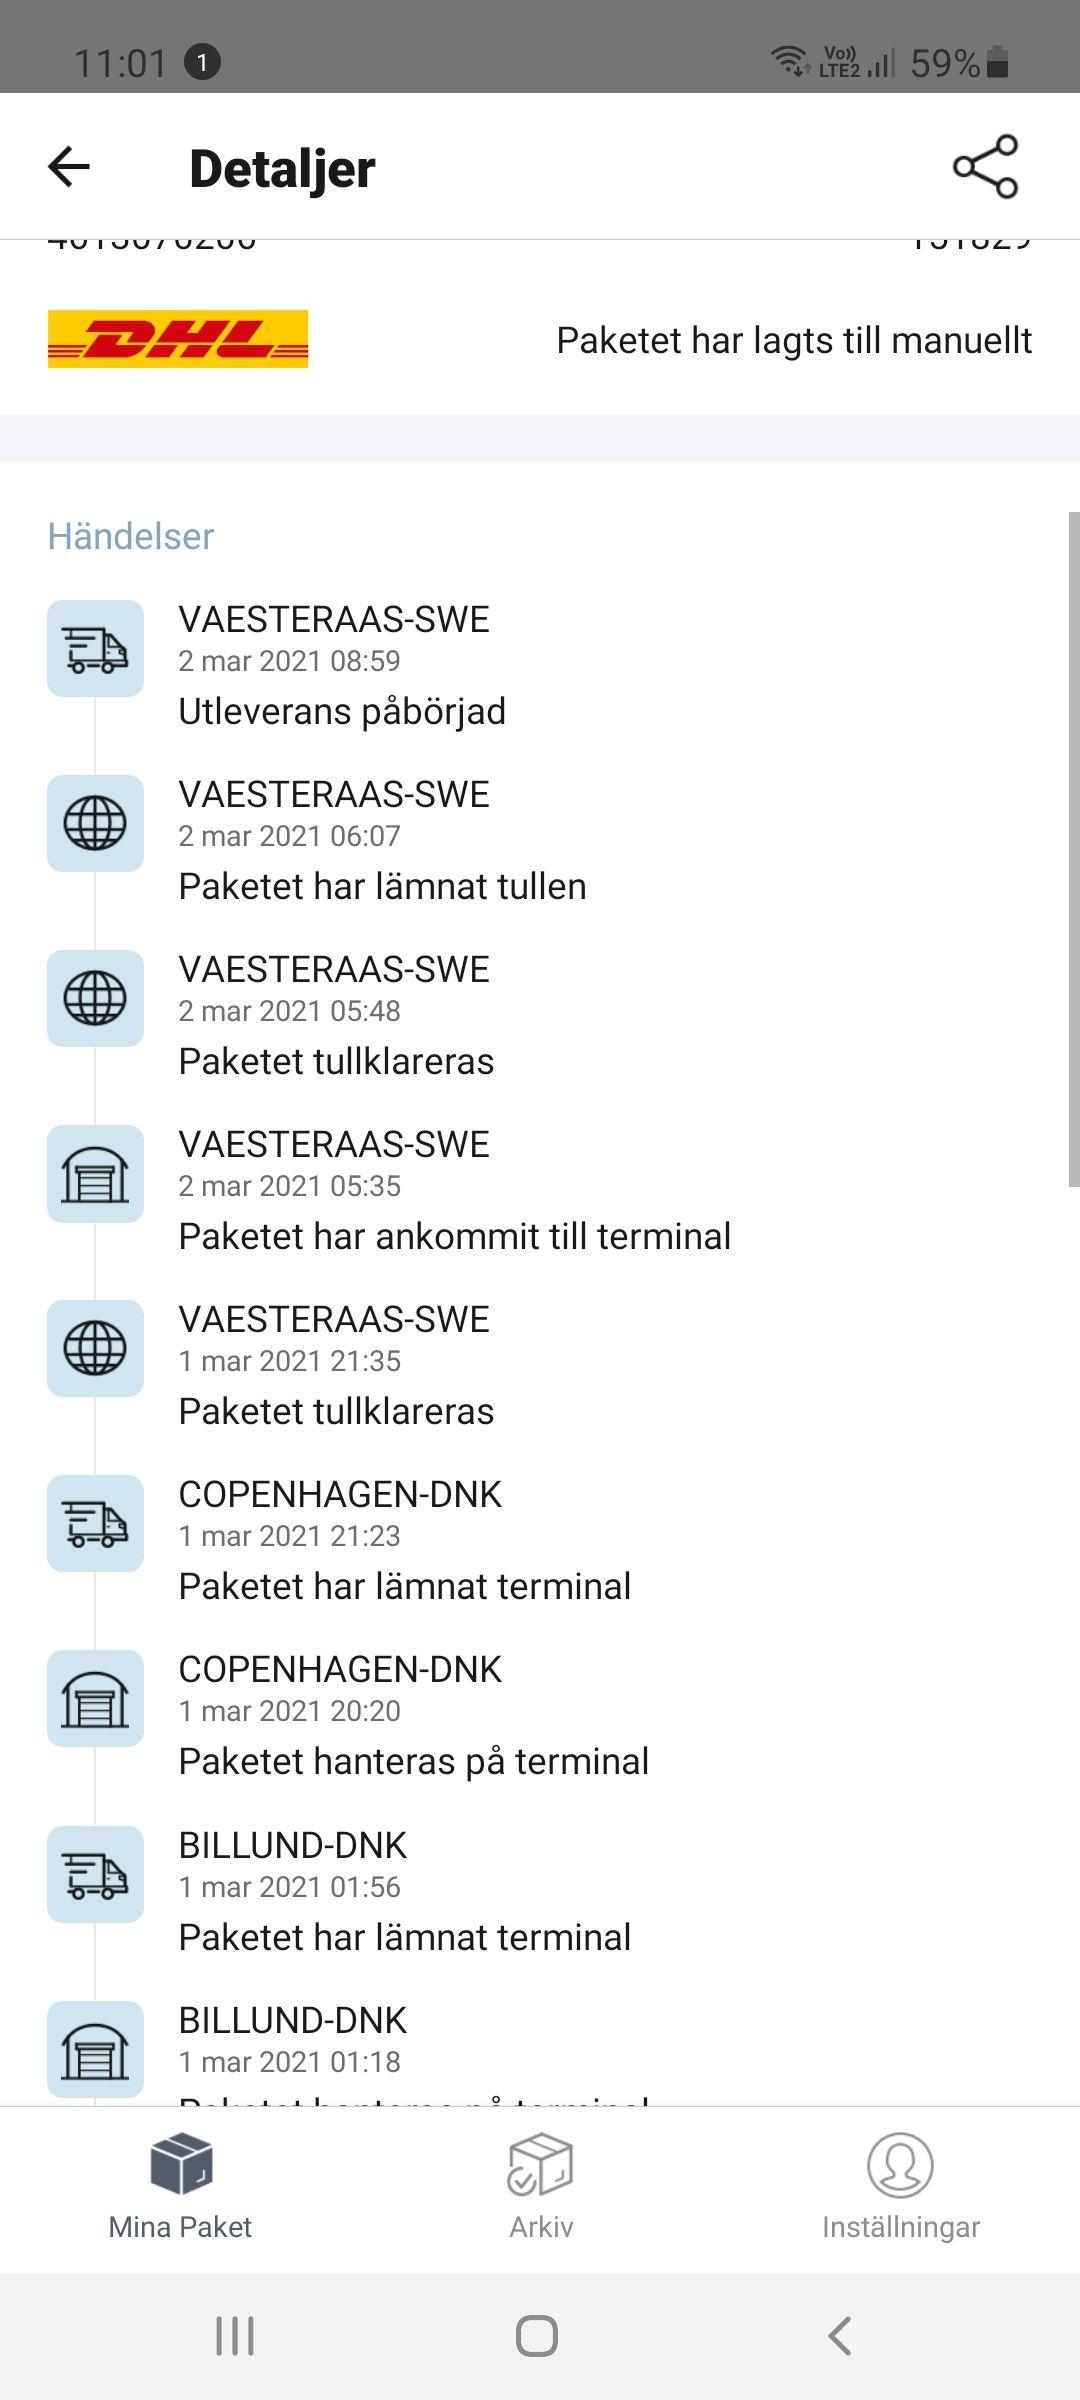 Screenshot_20210302-110109_Mina Paket.jpg